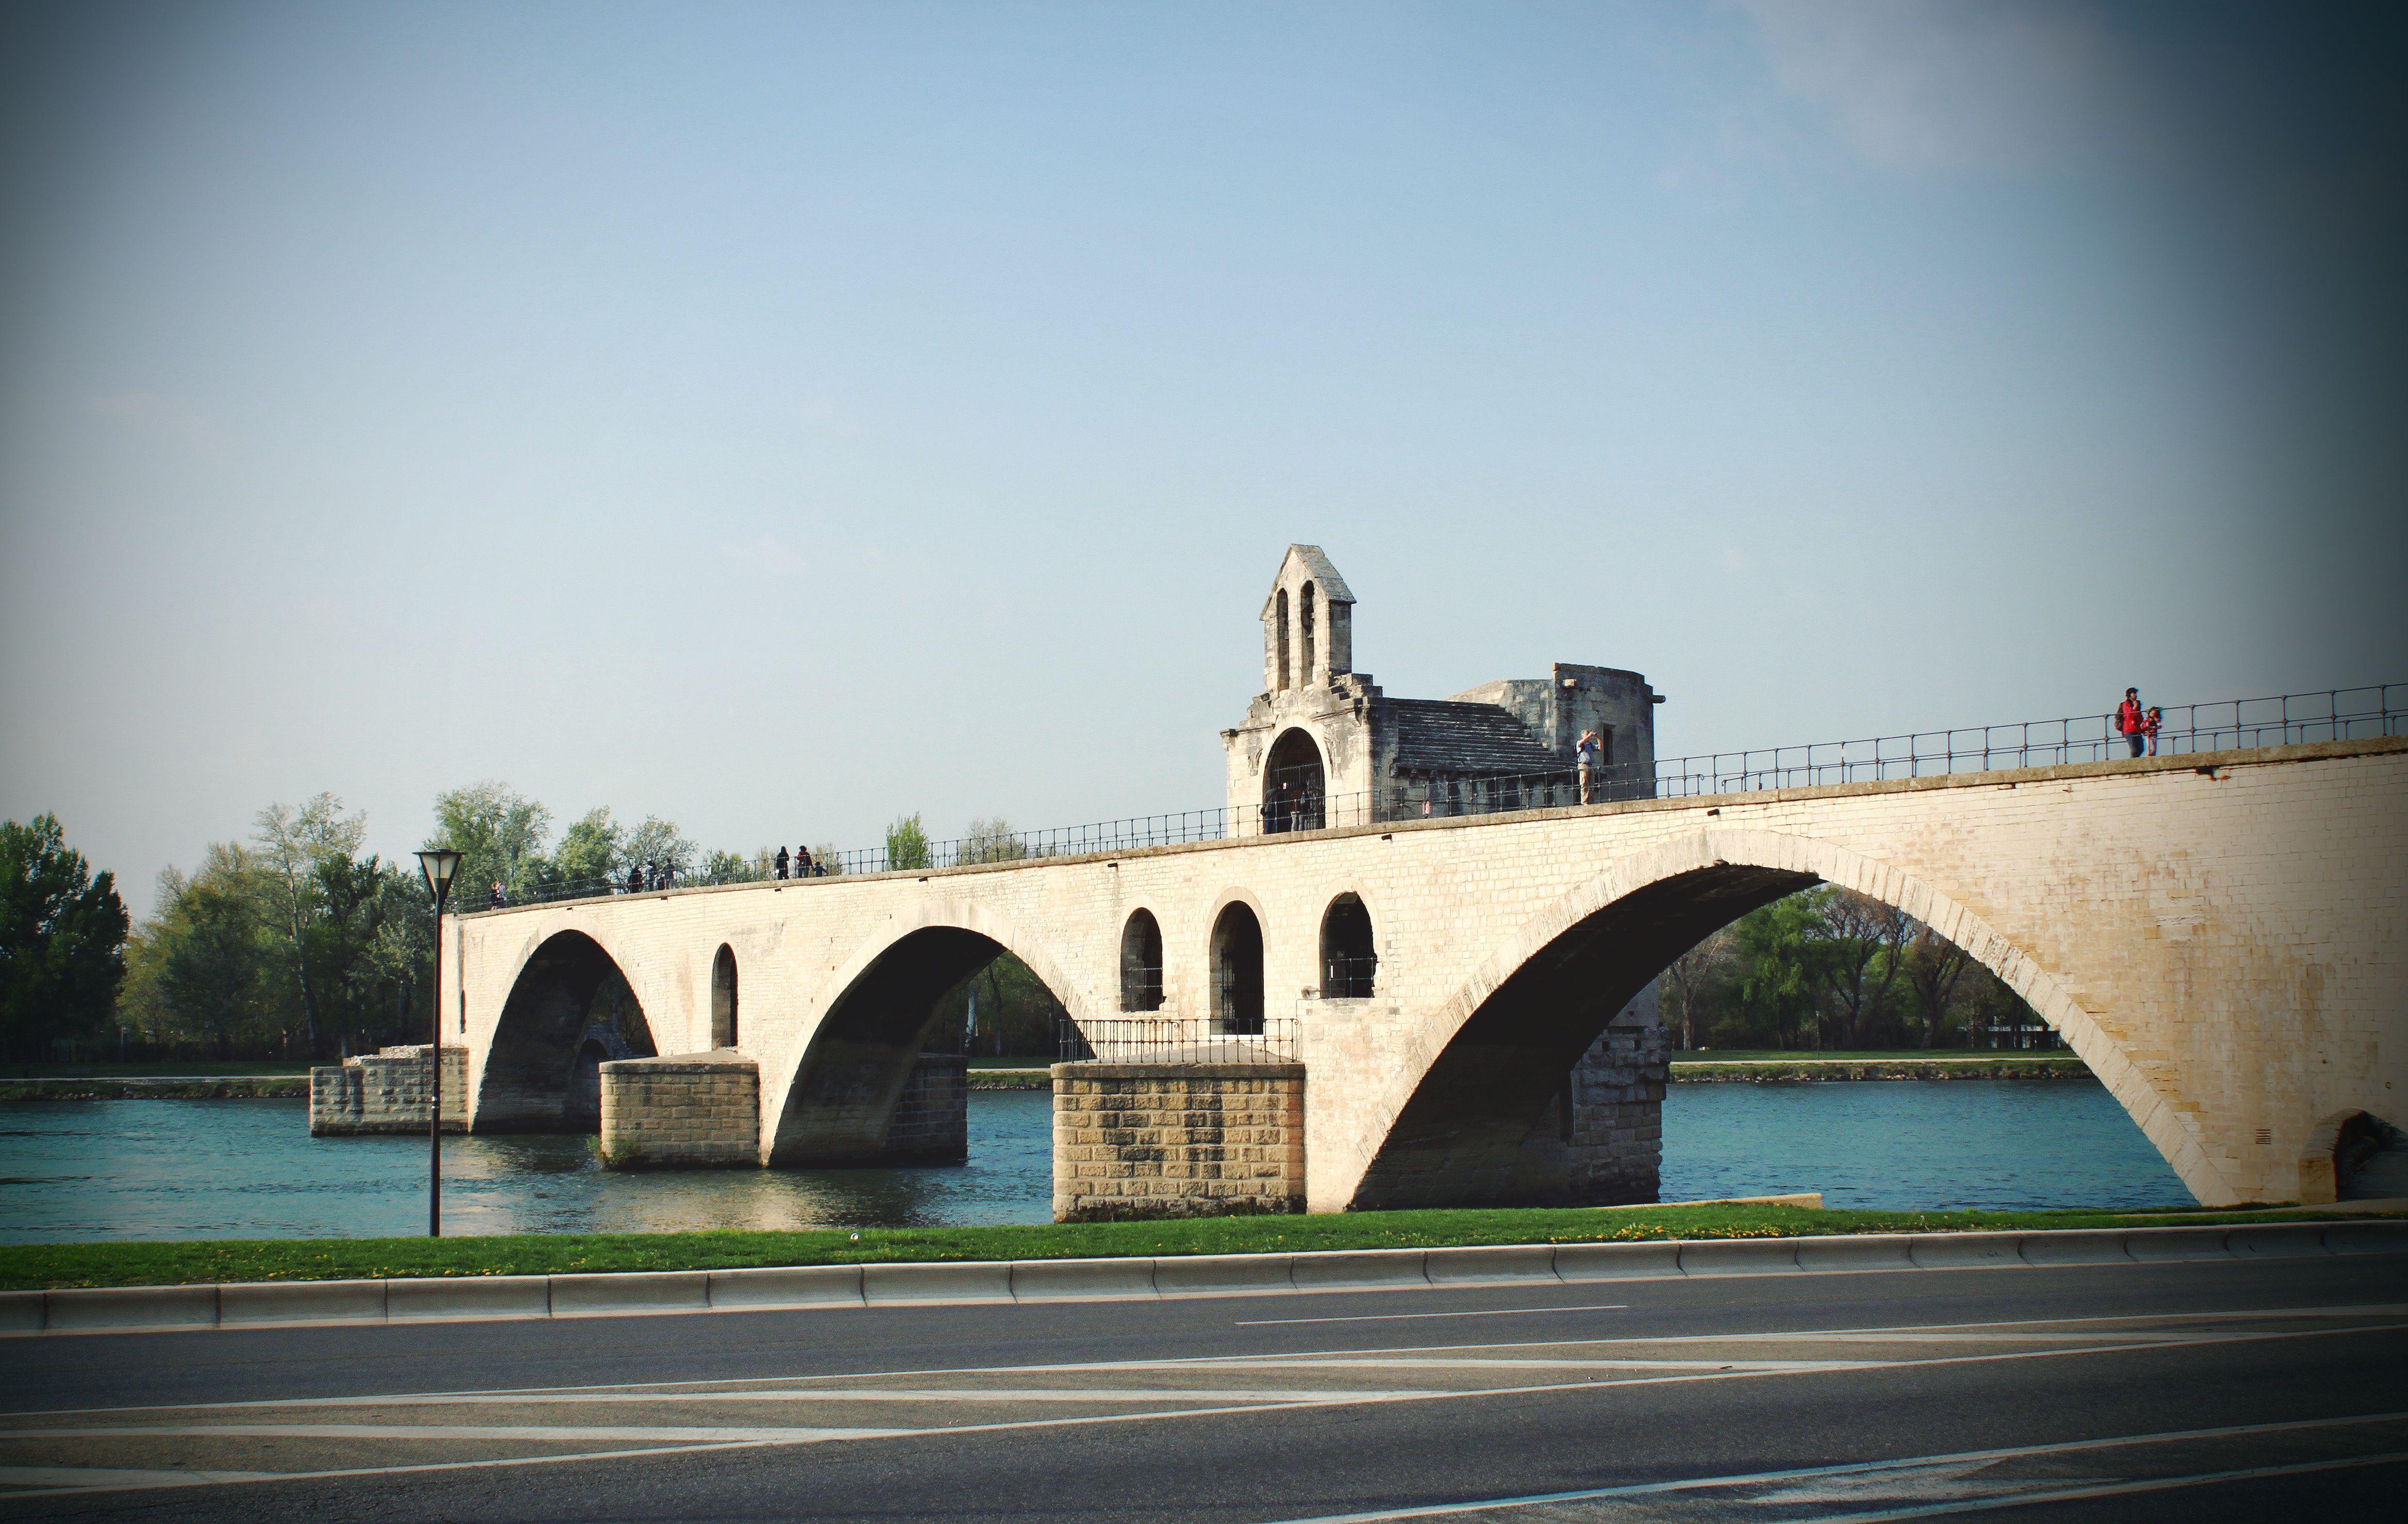 """Pont Saint-Bénézet, known from the song """"Sur le pont d' Avignon"""", Avignon, France"""